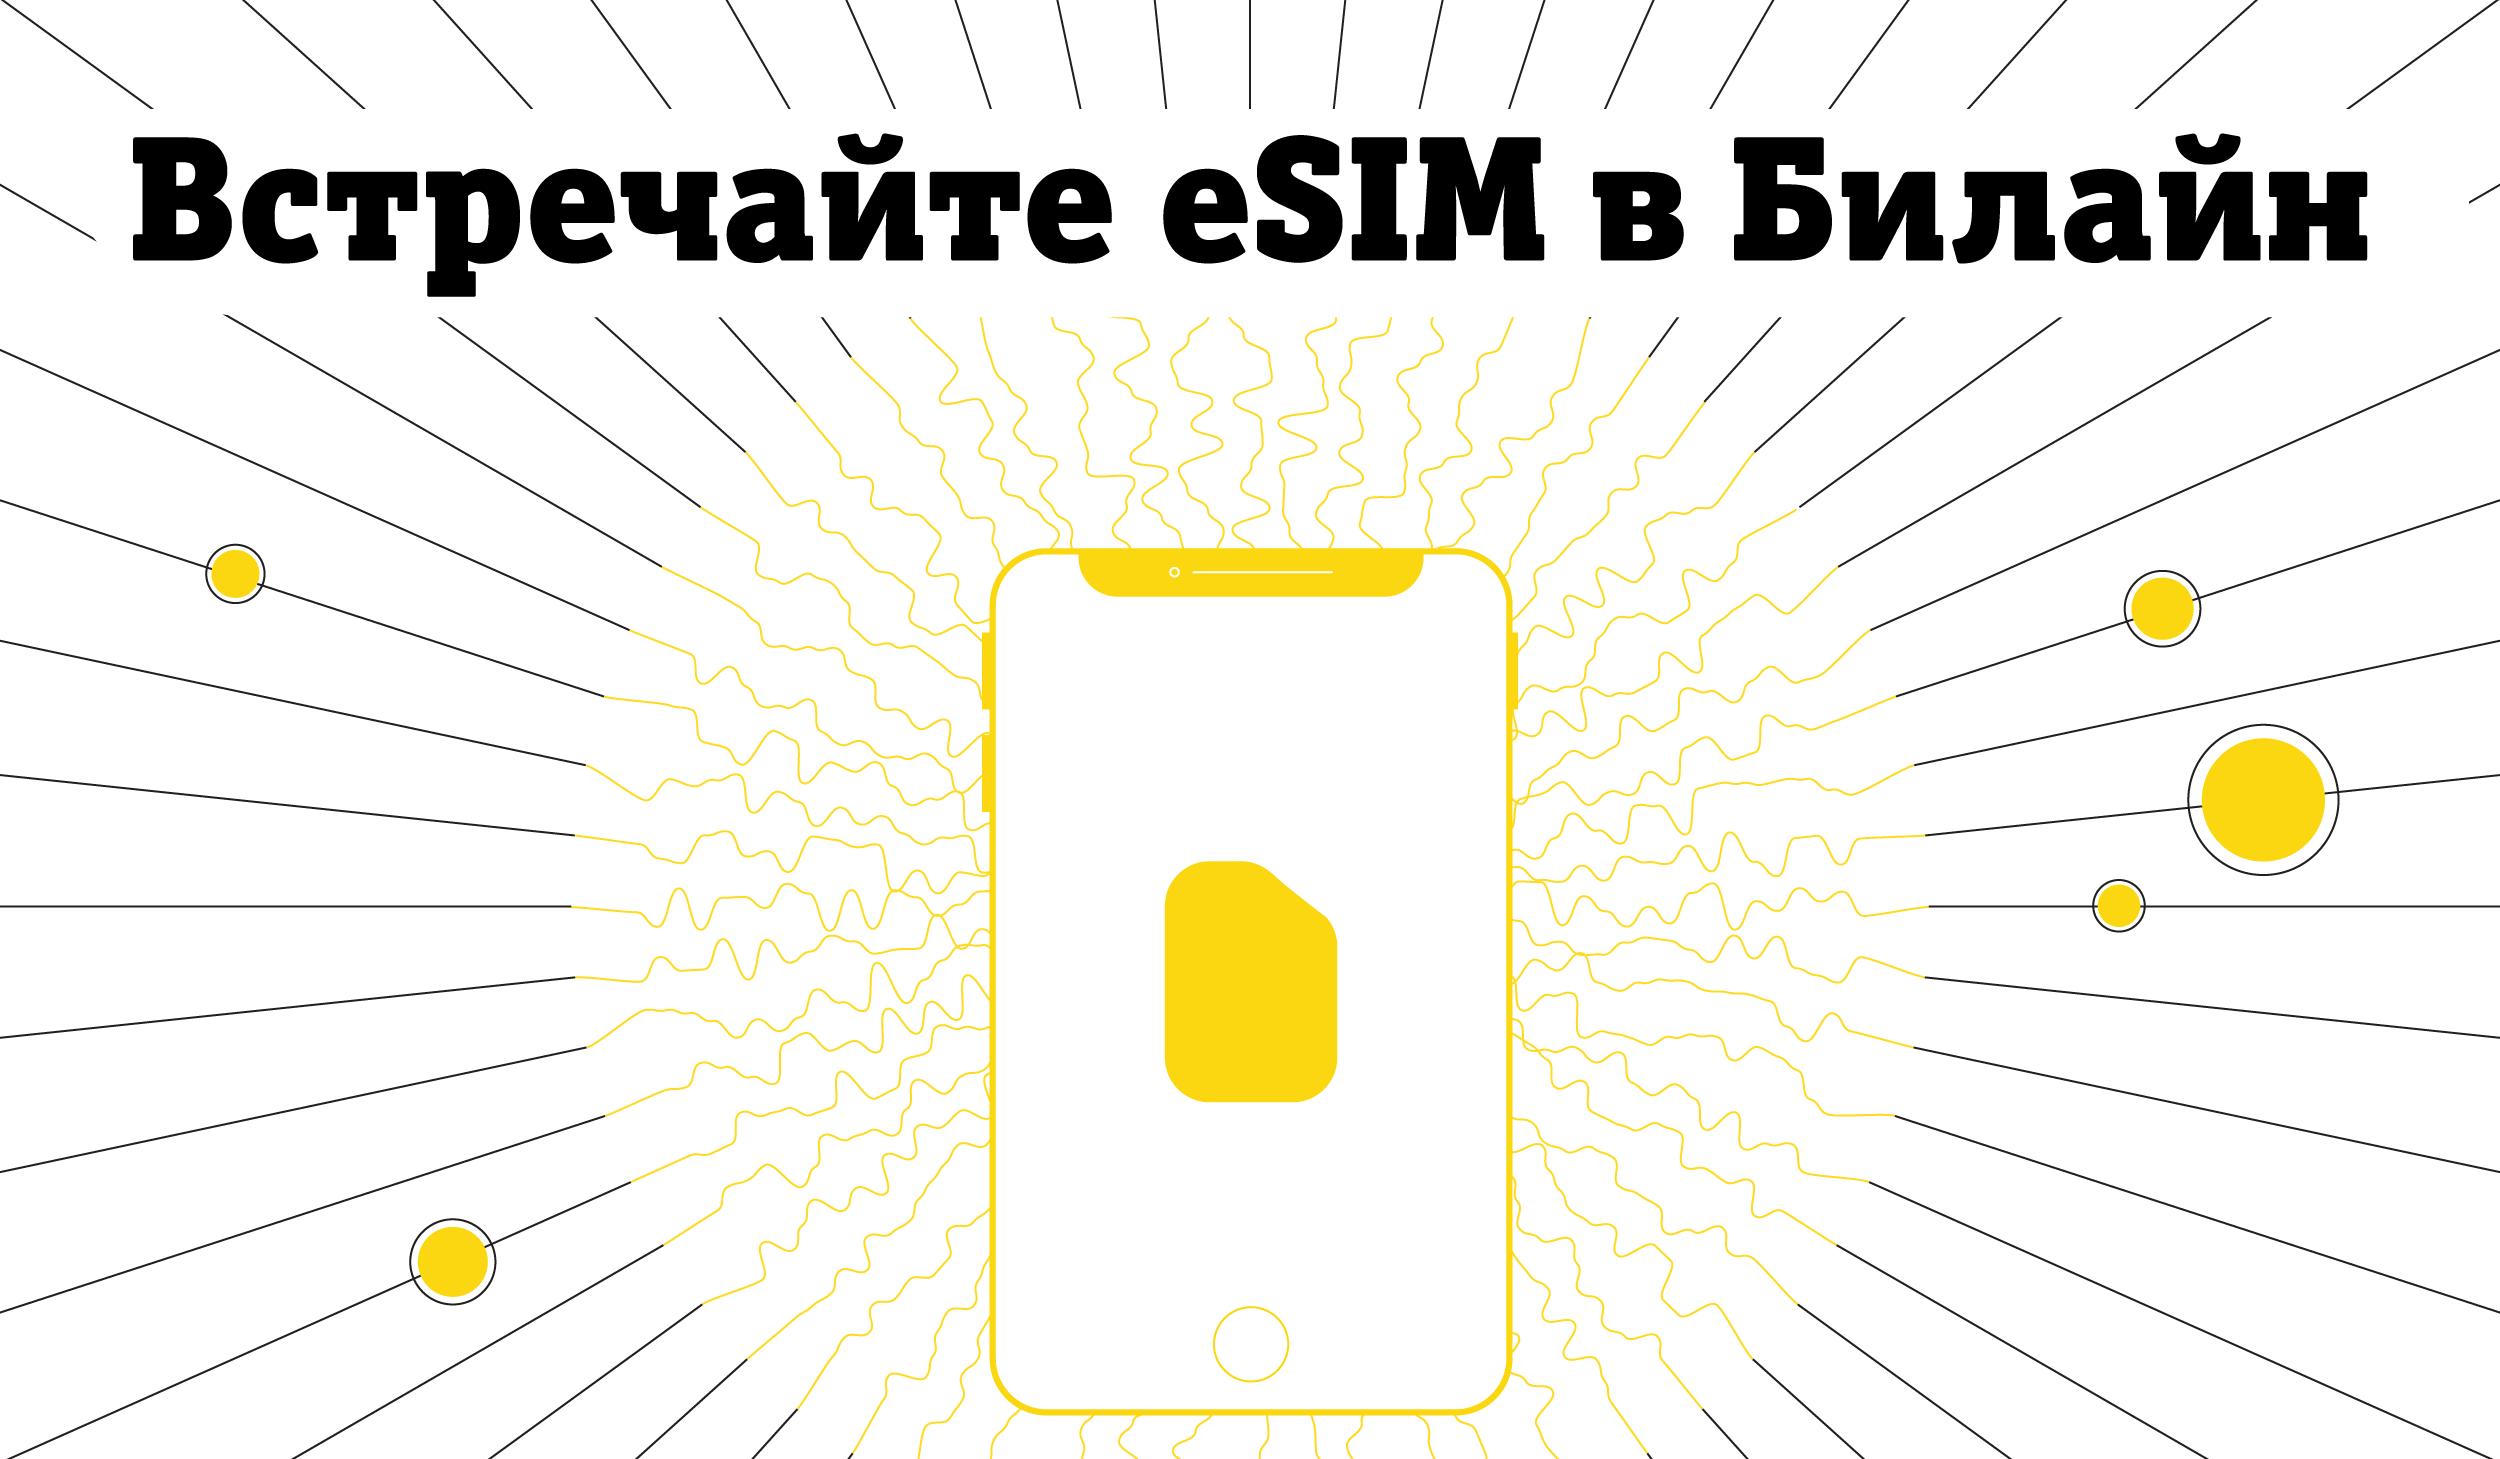 Билайн начал подключать eSIM еще в 16 городах 1